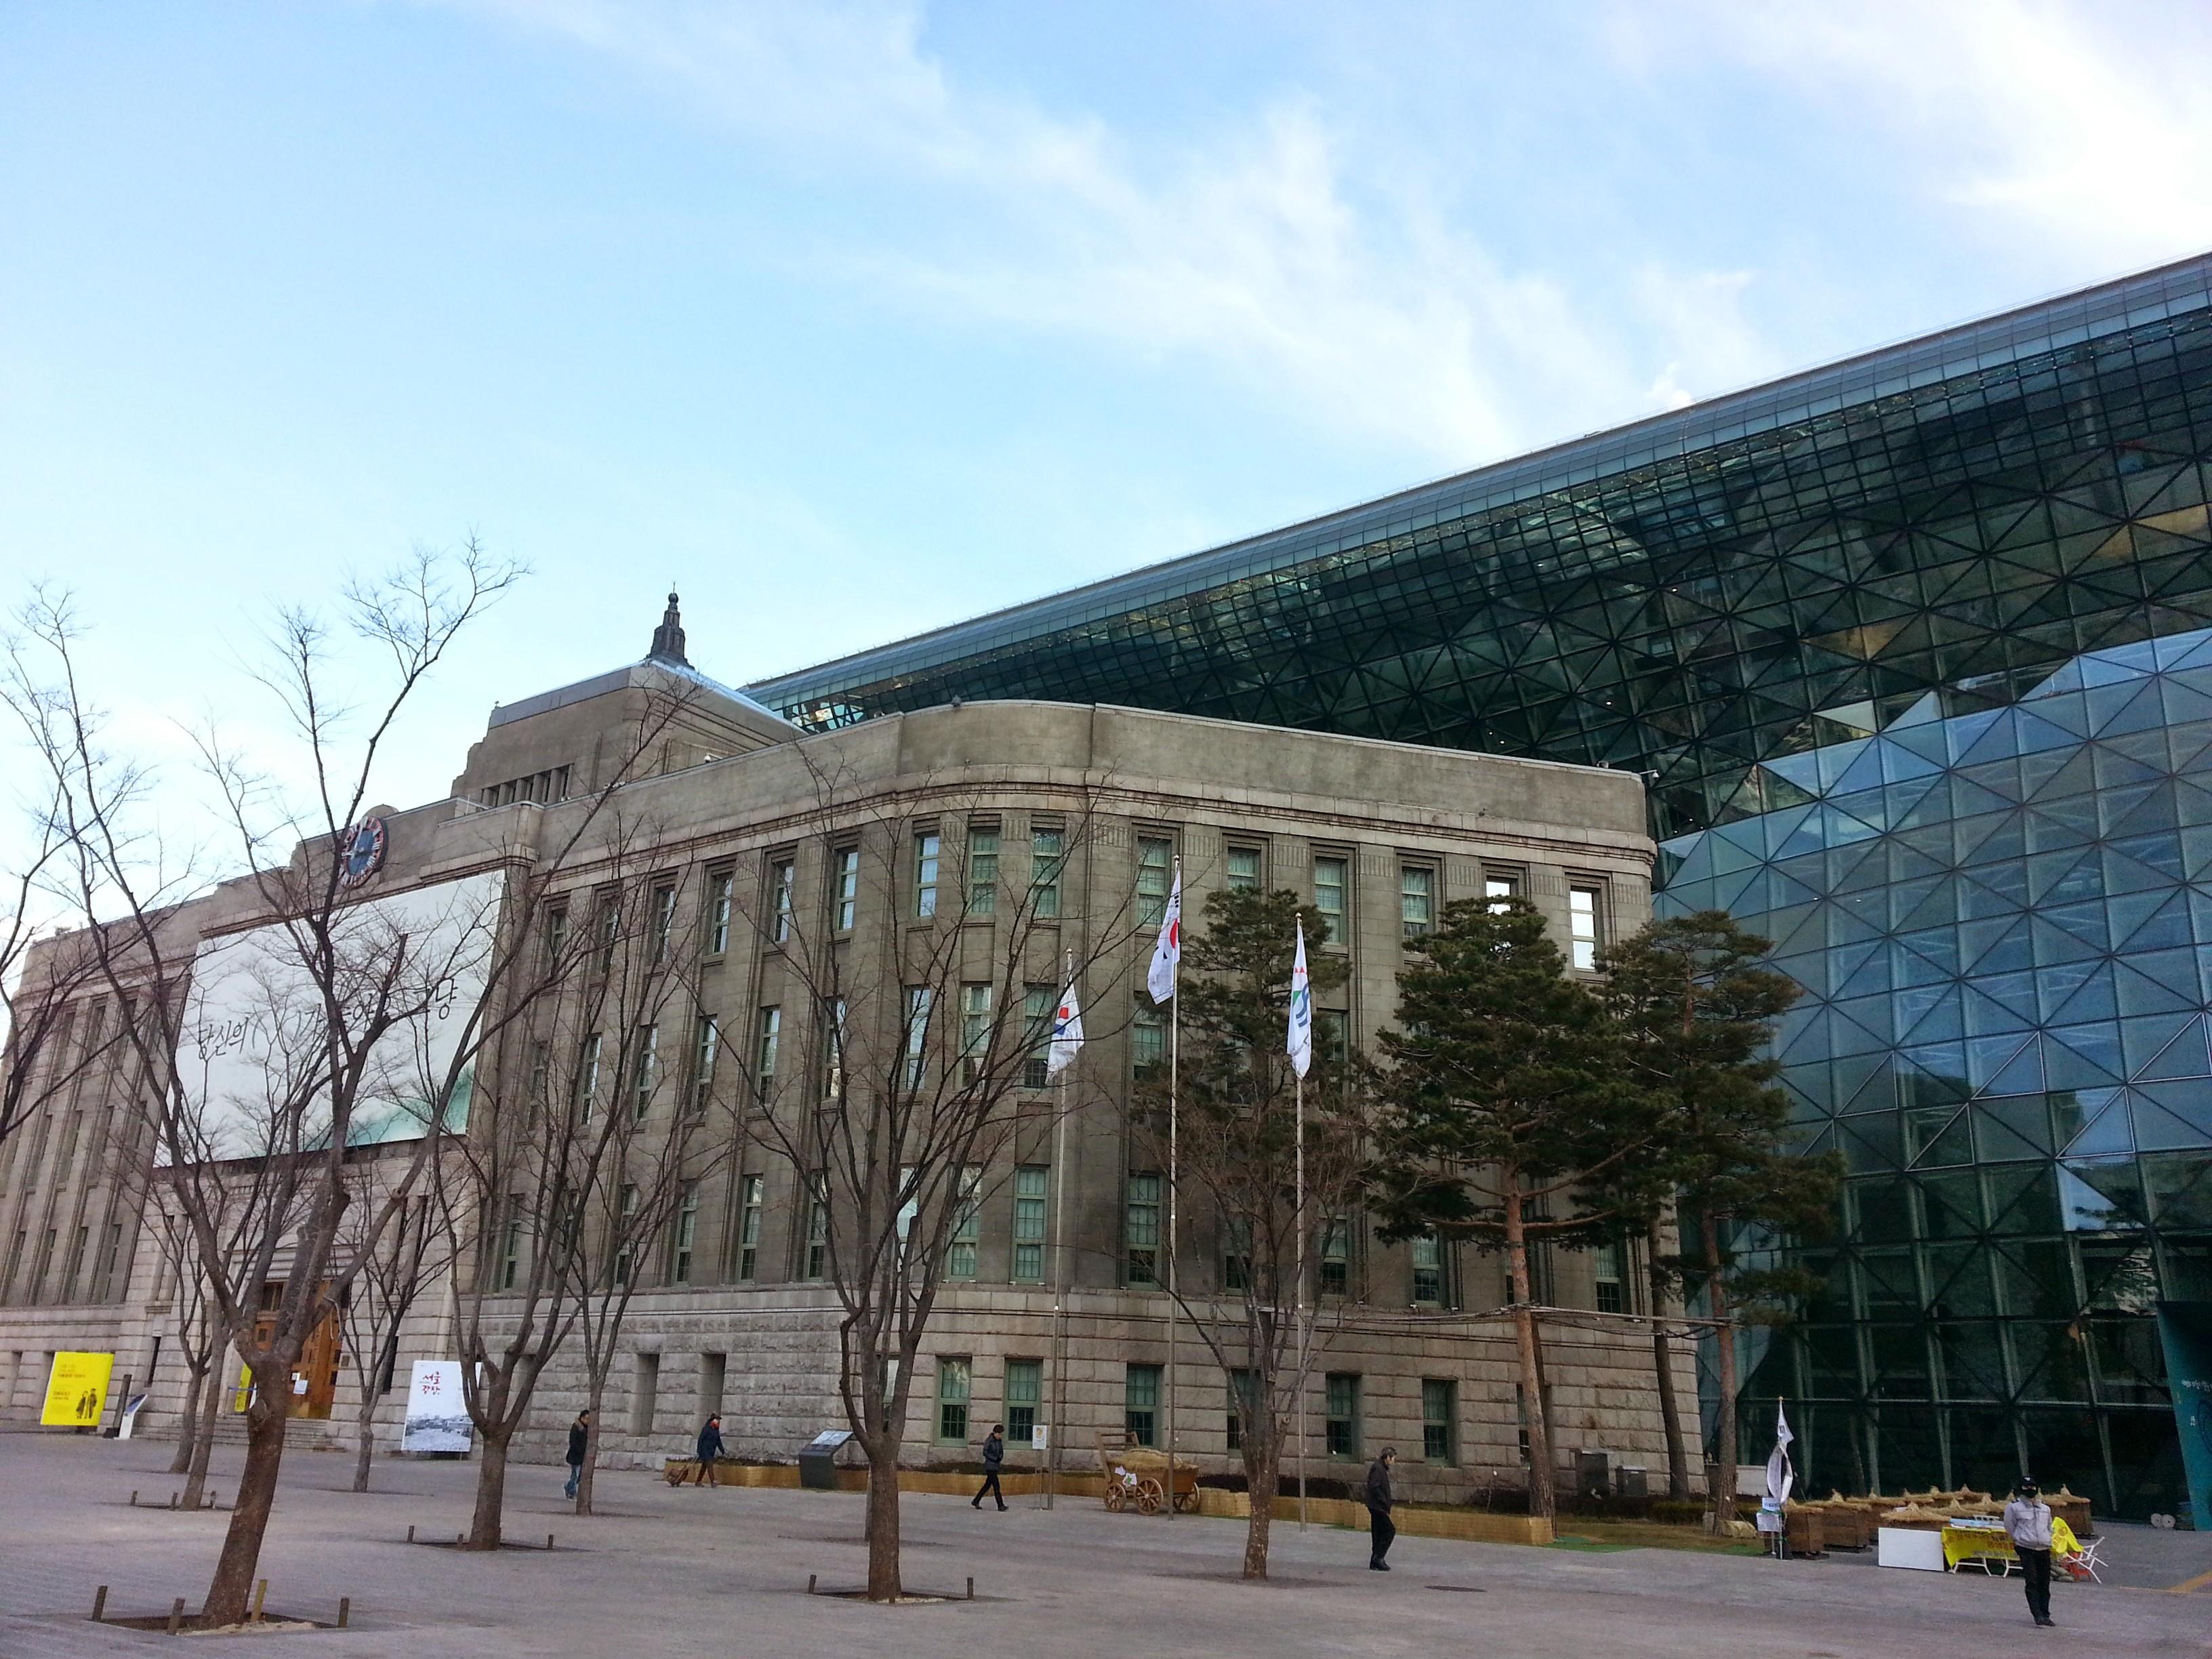 ソウル市庁舎に行ったことありますか?